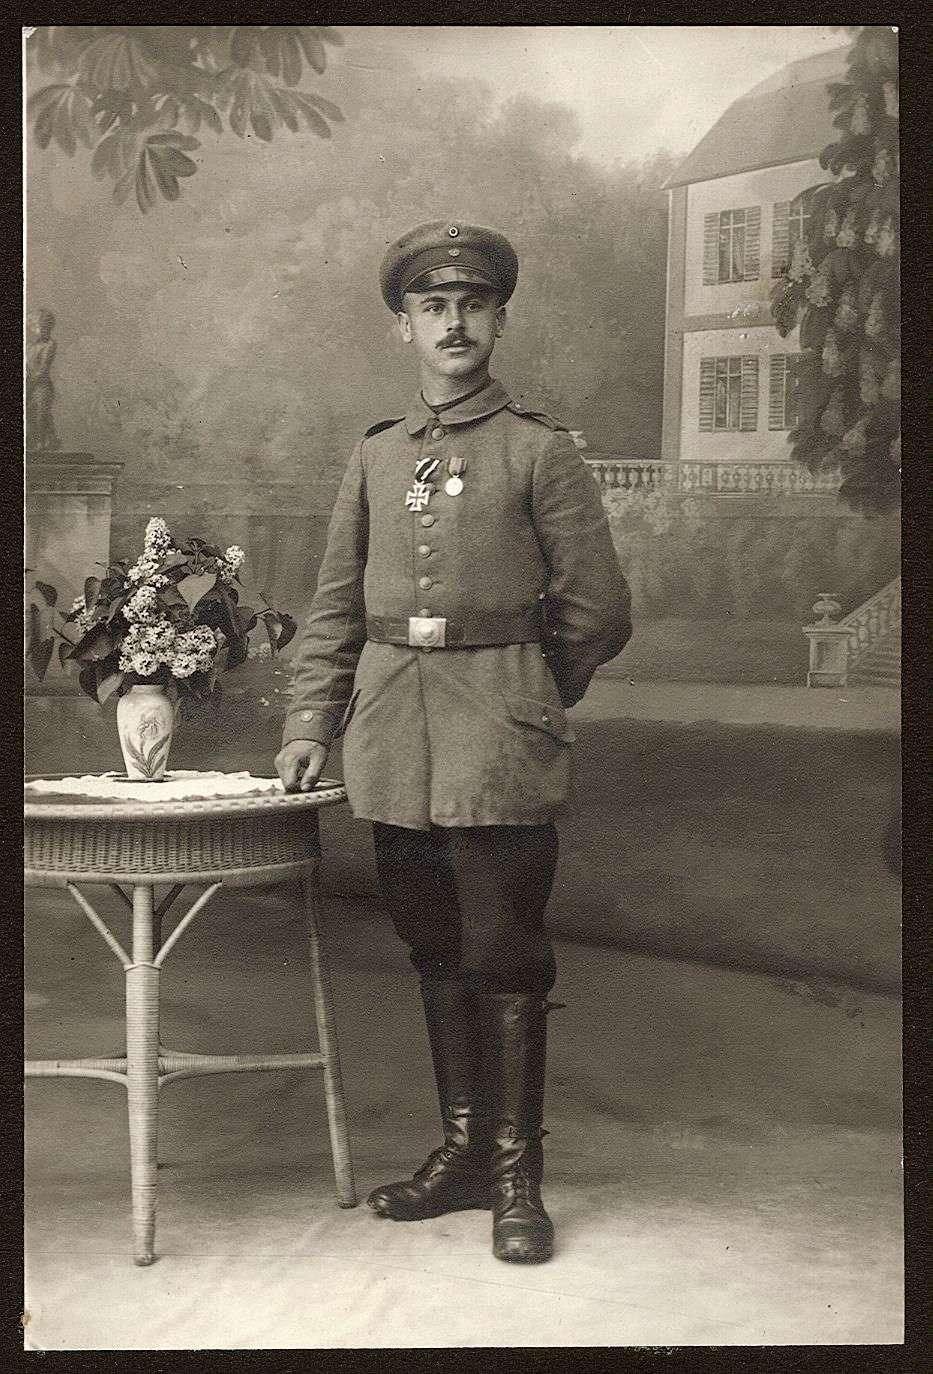 Abt, Wilhelm, Bild 1